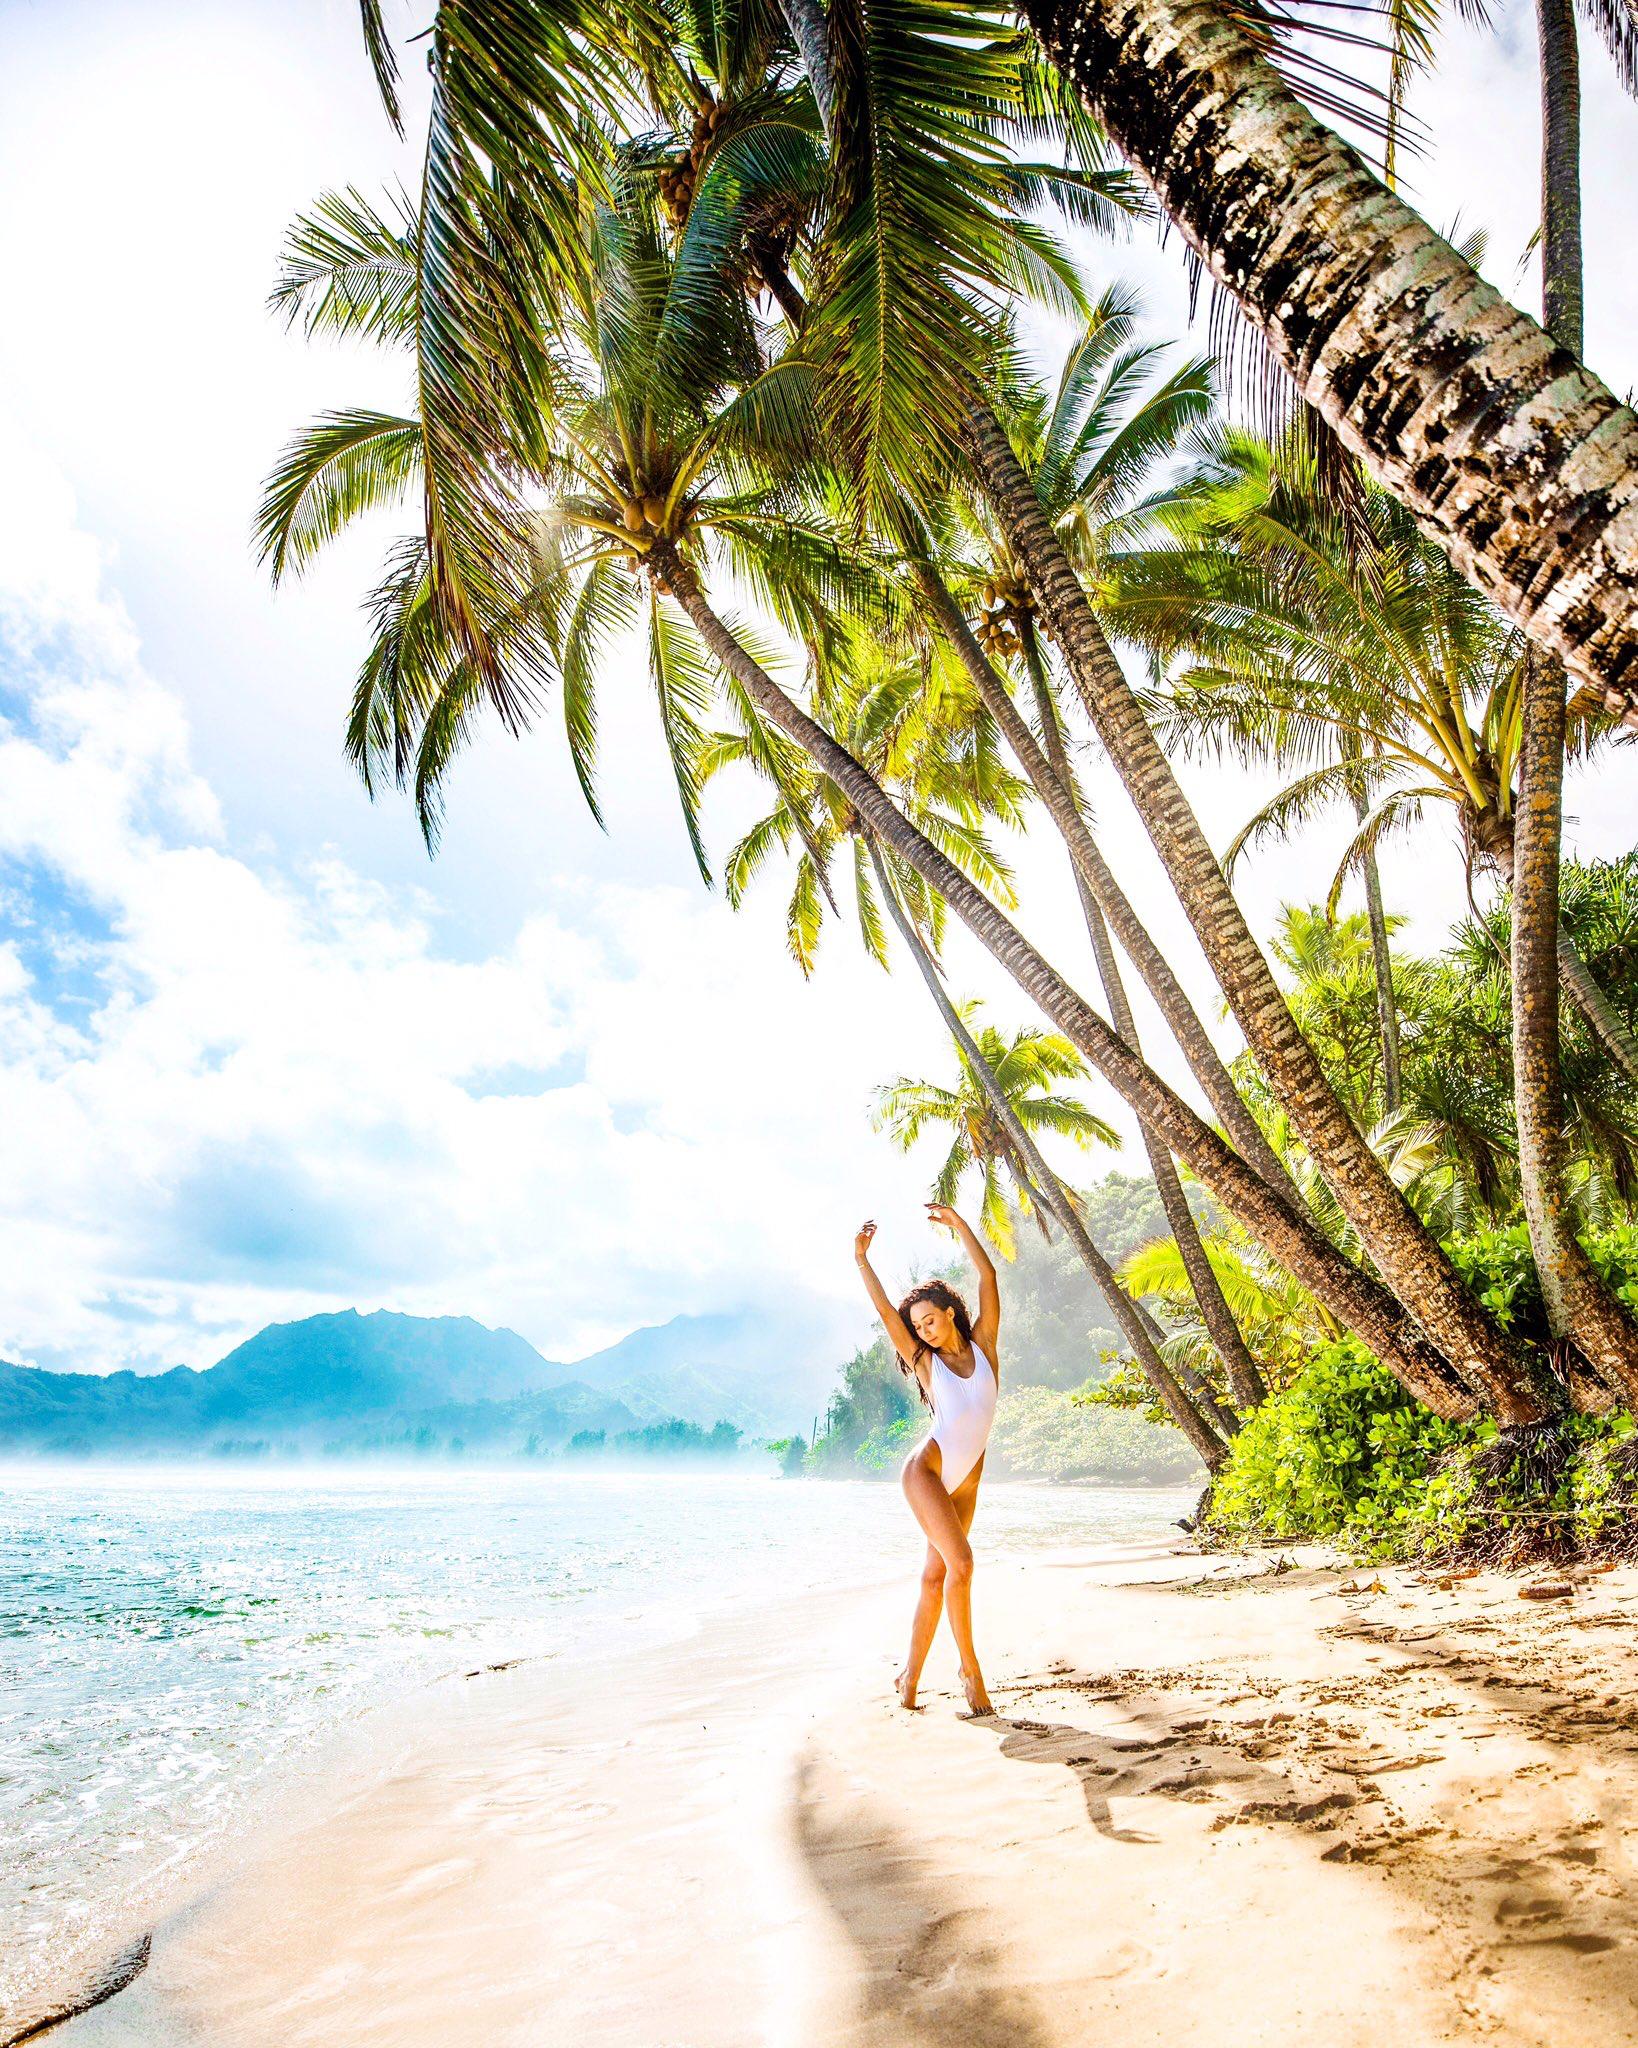 фото автомобили картинки отдых на море у пальмы как символ веры